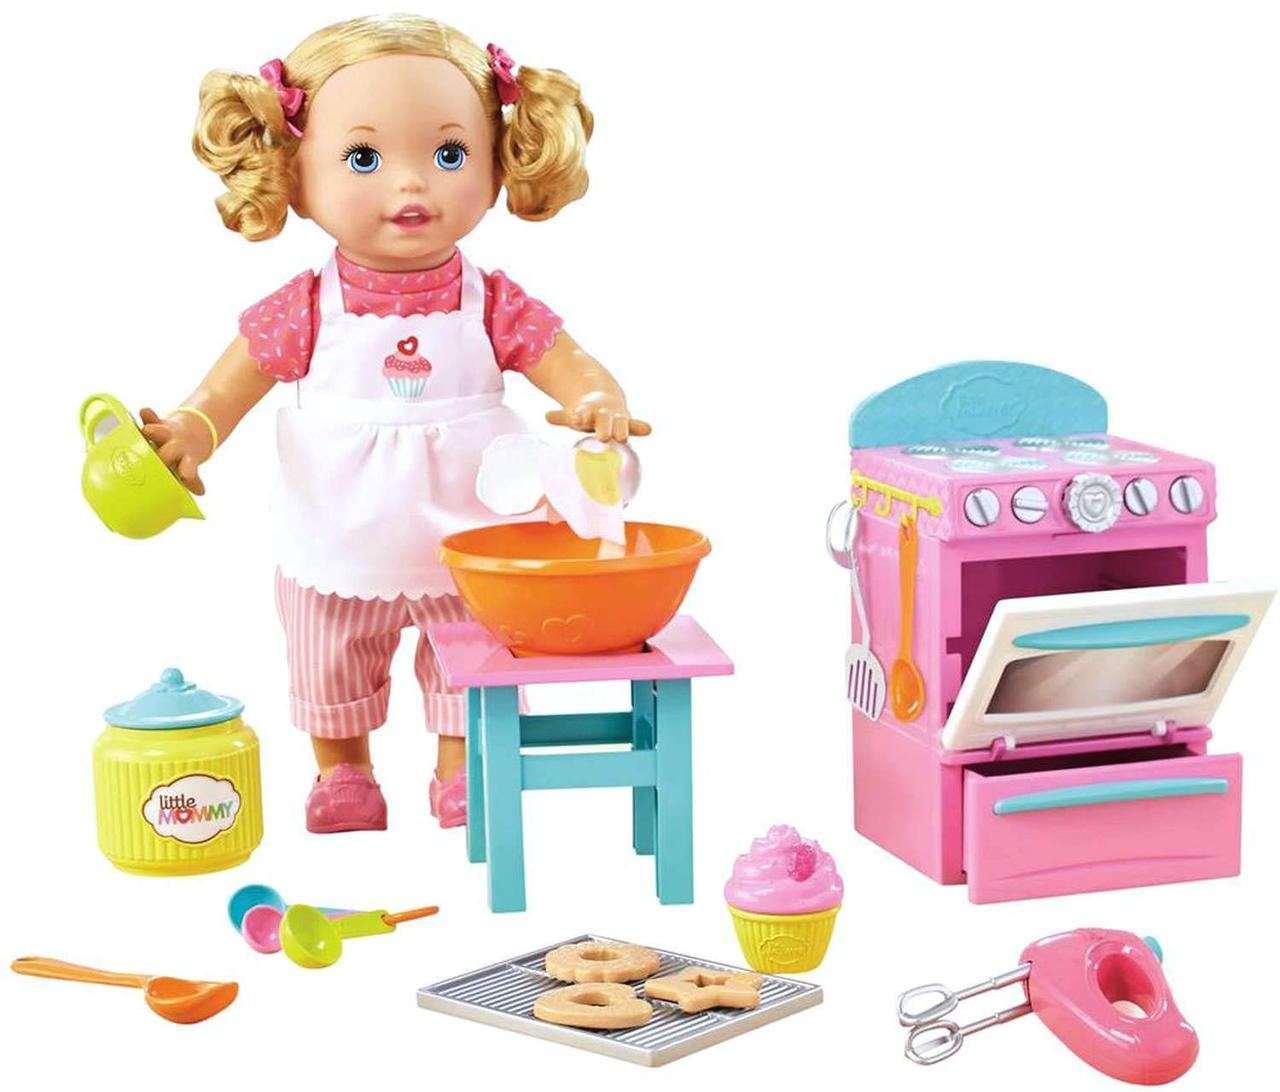 Кукла пупс Маленькая мама Пекарь Little Mommy Bake with Me Baby born